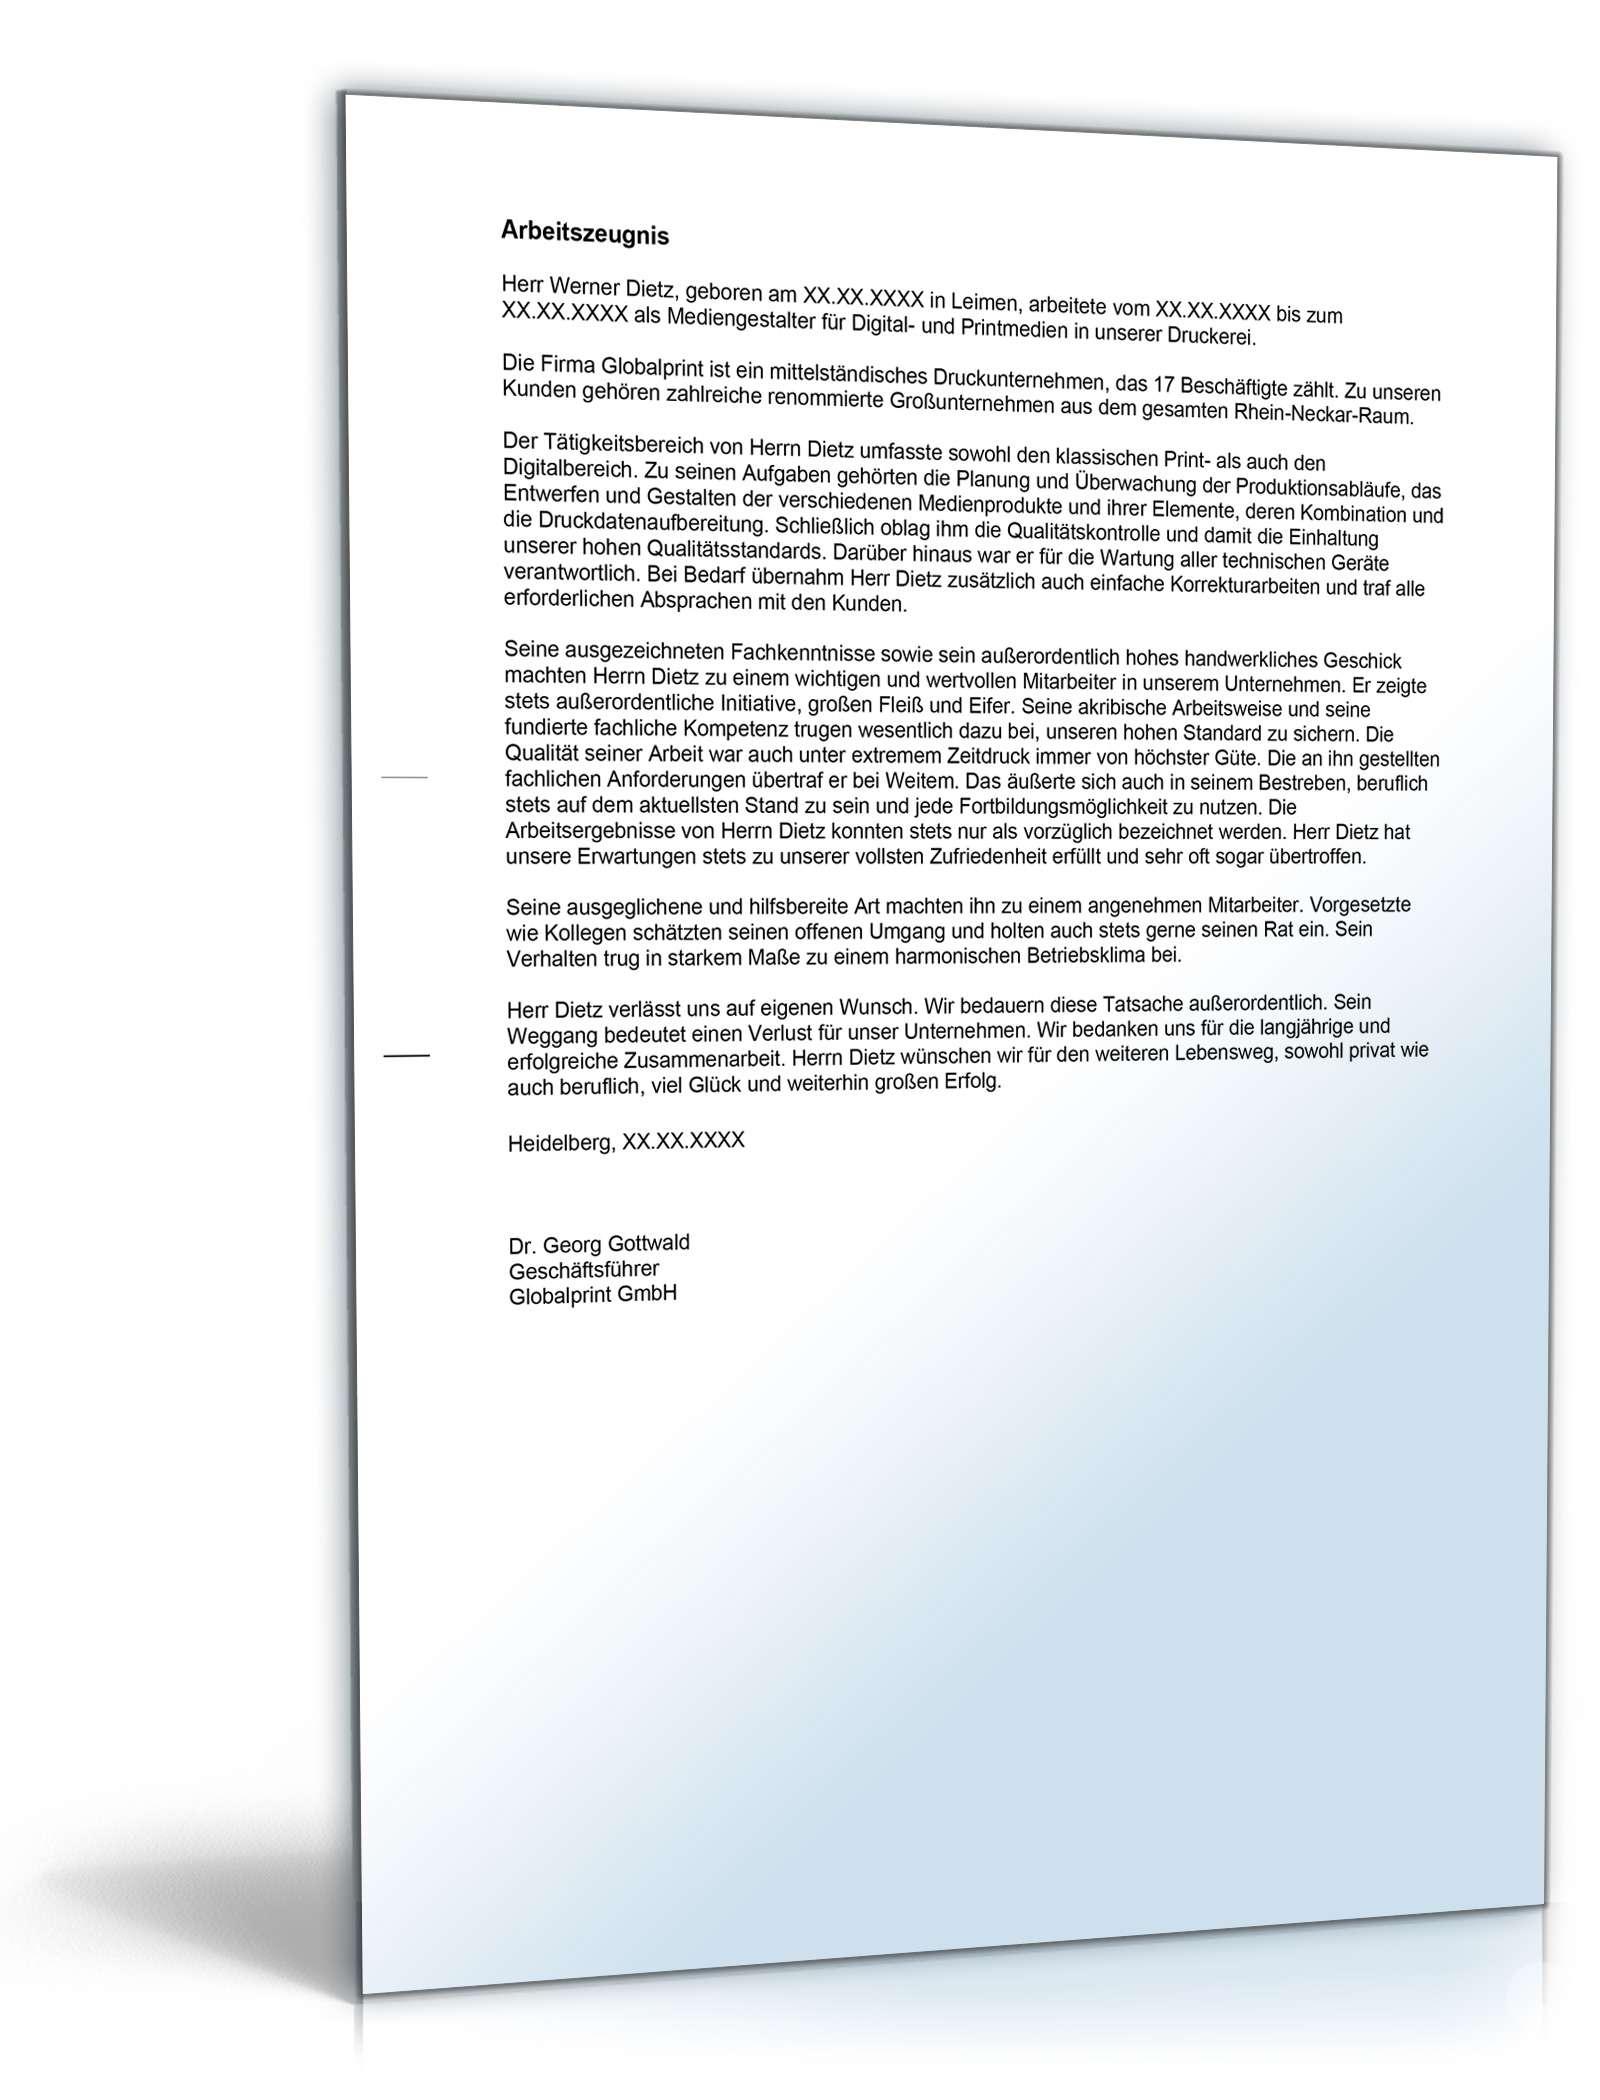 arbeitszeugnis mediendesigner note eins vorlage zum download arbeitszeugnis vorlagen kostenlos - Vorlage Lebenslauf Kostenlos